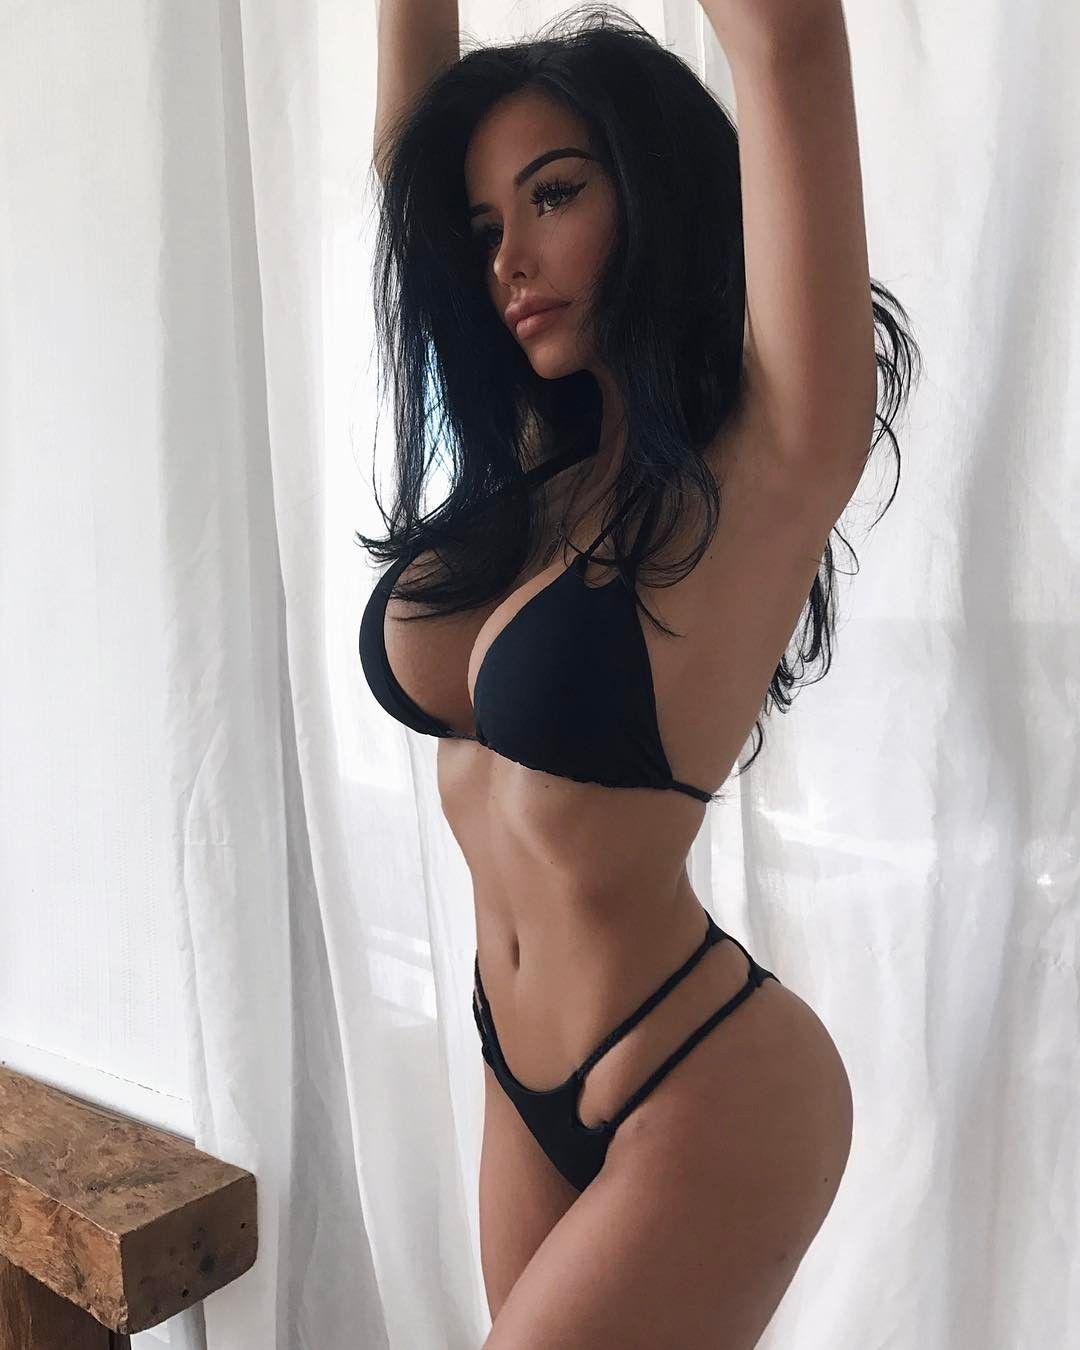 Busty Brunette Model Adele Grisoni In Sexy Black Lingerie